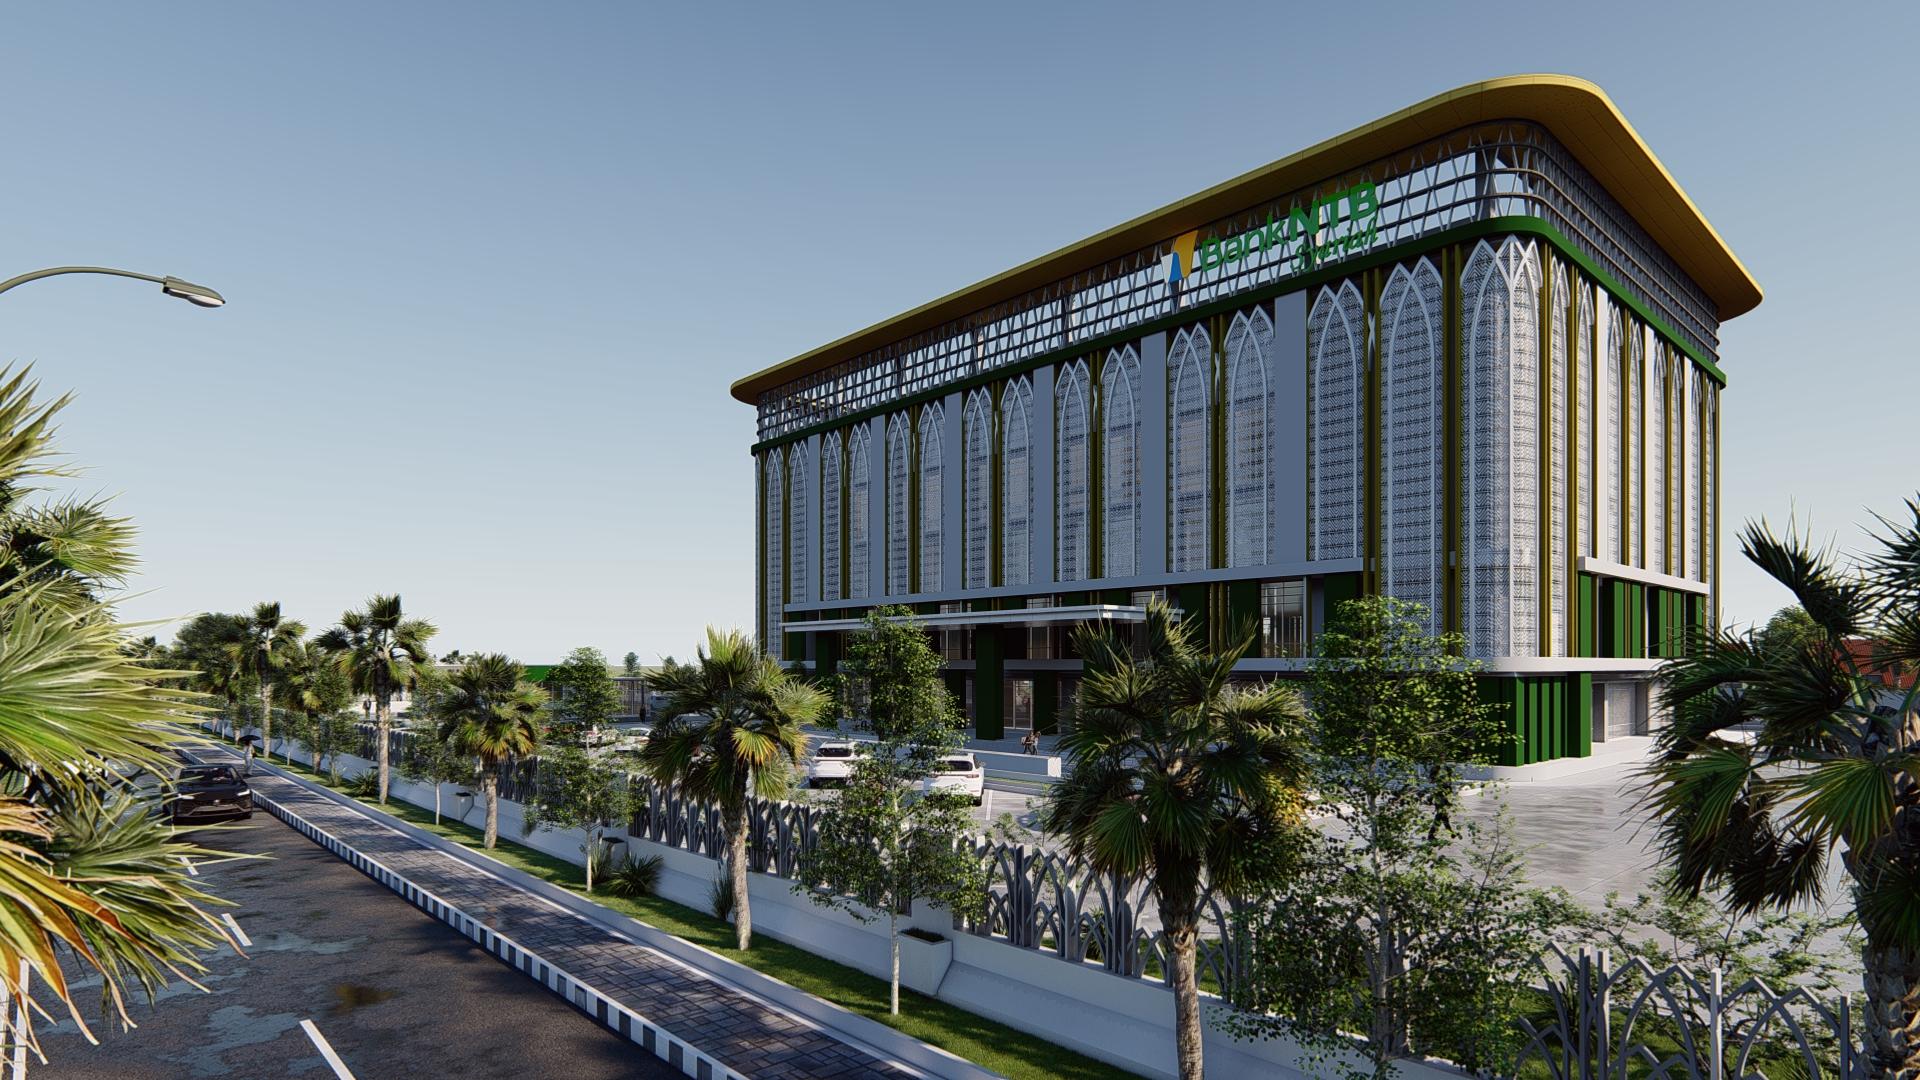 Jasa-Konsultansi-Perencana-Pembangunan-Gedung-PT-Bank-NTB-Syariah-Kantor-Cabang-Masbagik.html